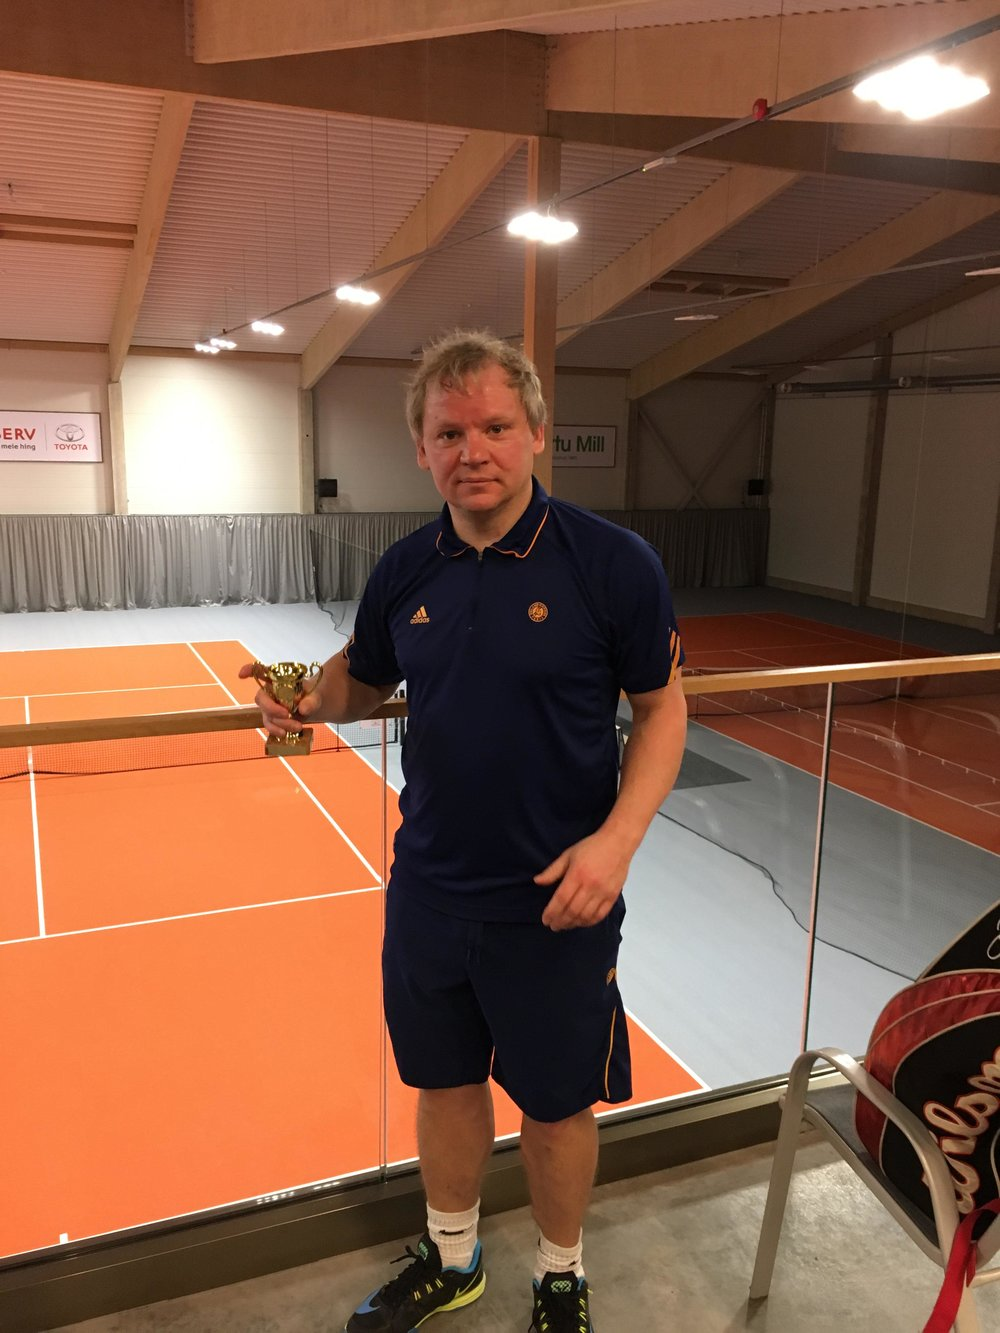 Poolfinalist Tauri Sokk